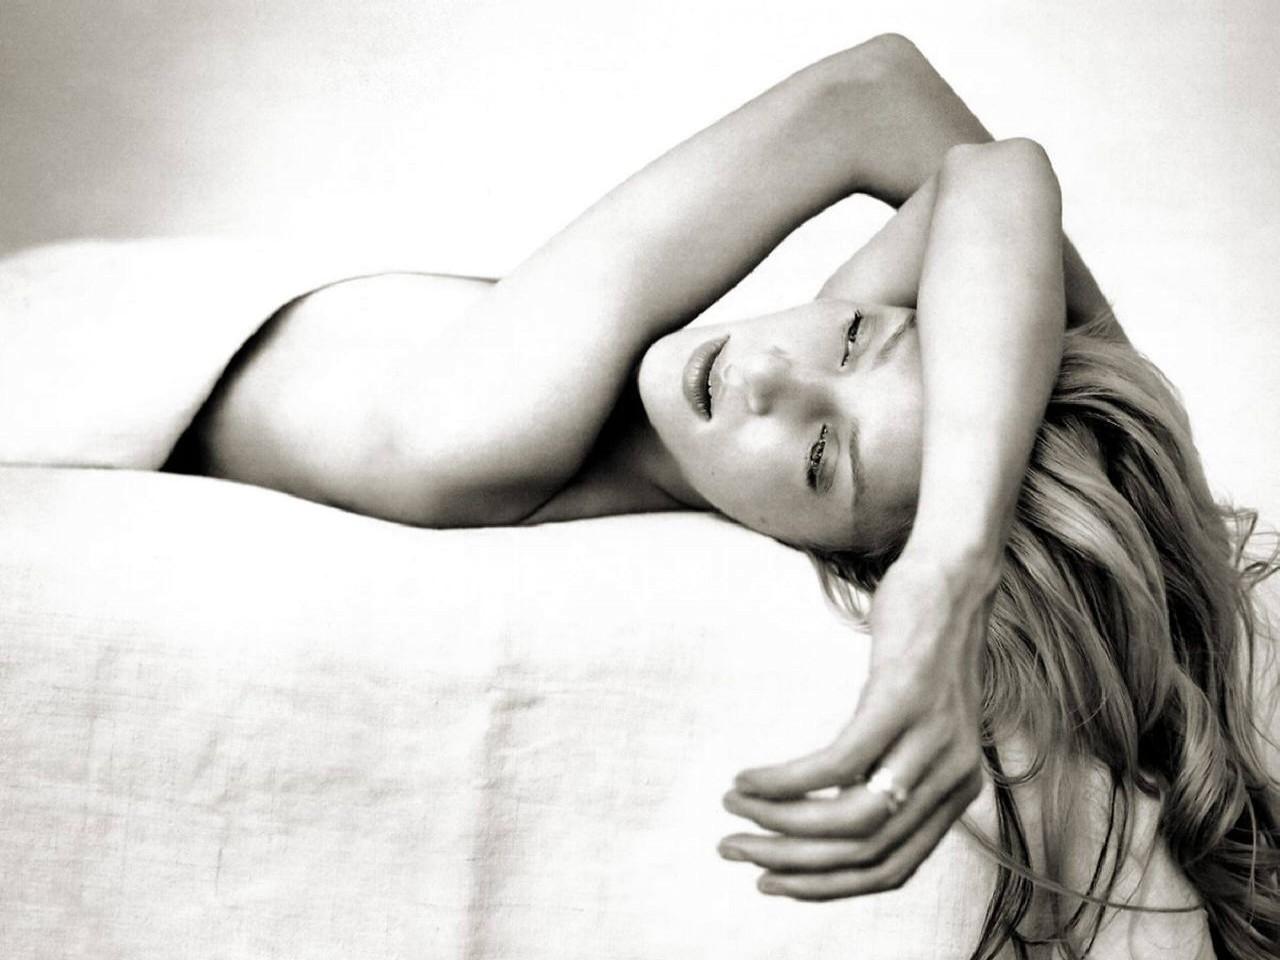 Wallpaper di Uma Thurman adagiata su un letto